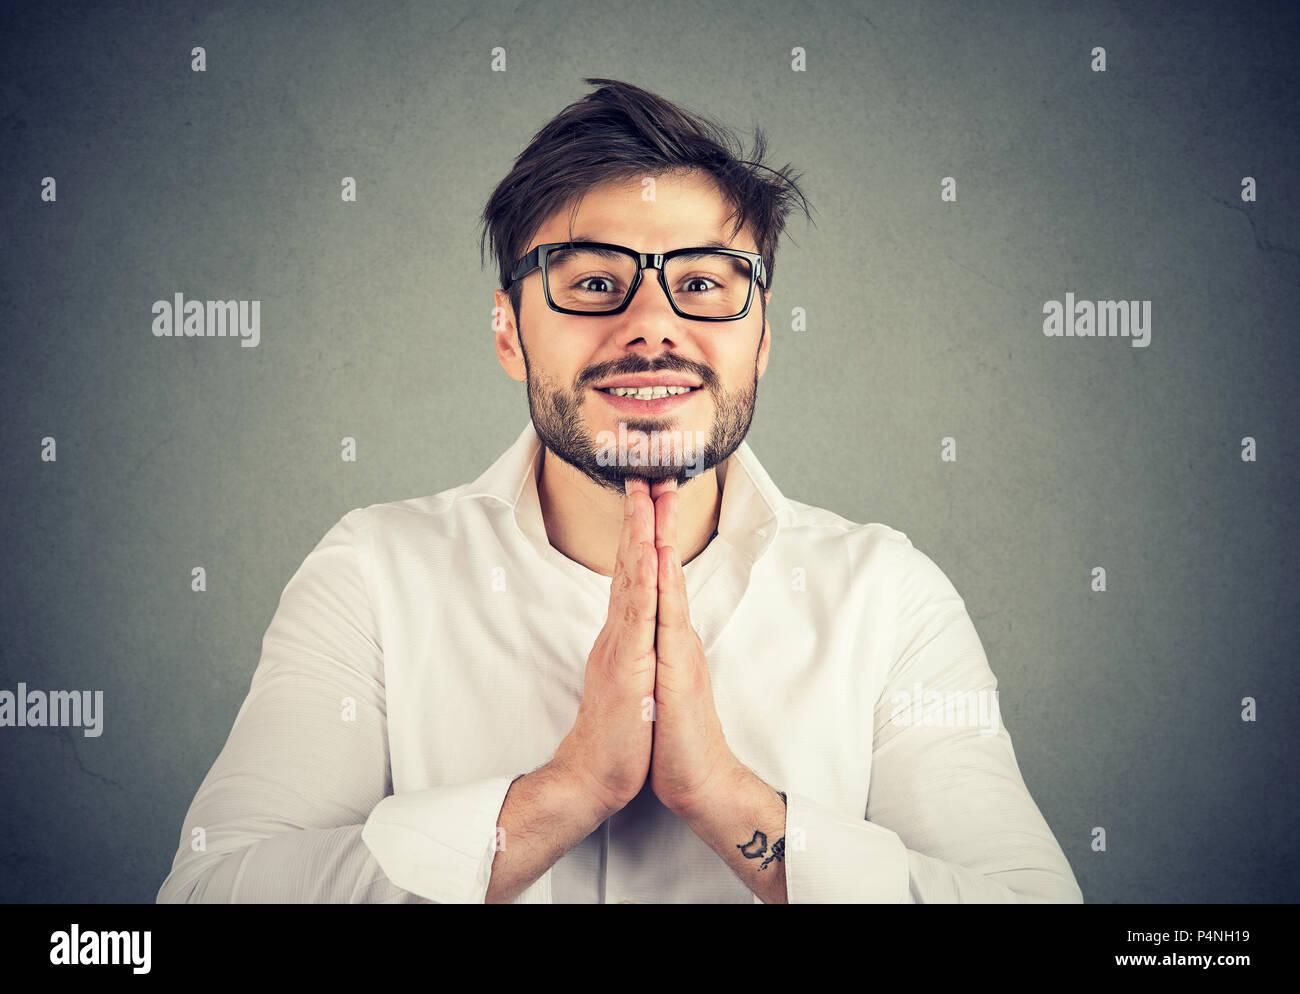 Giovane ragazzo barbuto in bicchieri e shirt tenendo le mani insieme a mendicare il gesto e chiedendo la grazia su sfondo grigio Immagini Stock